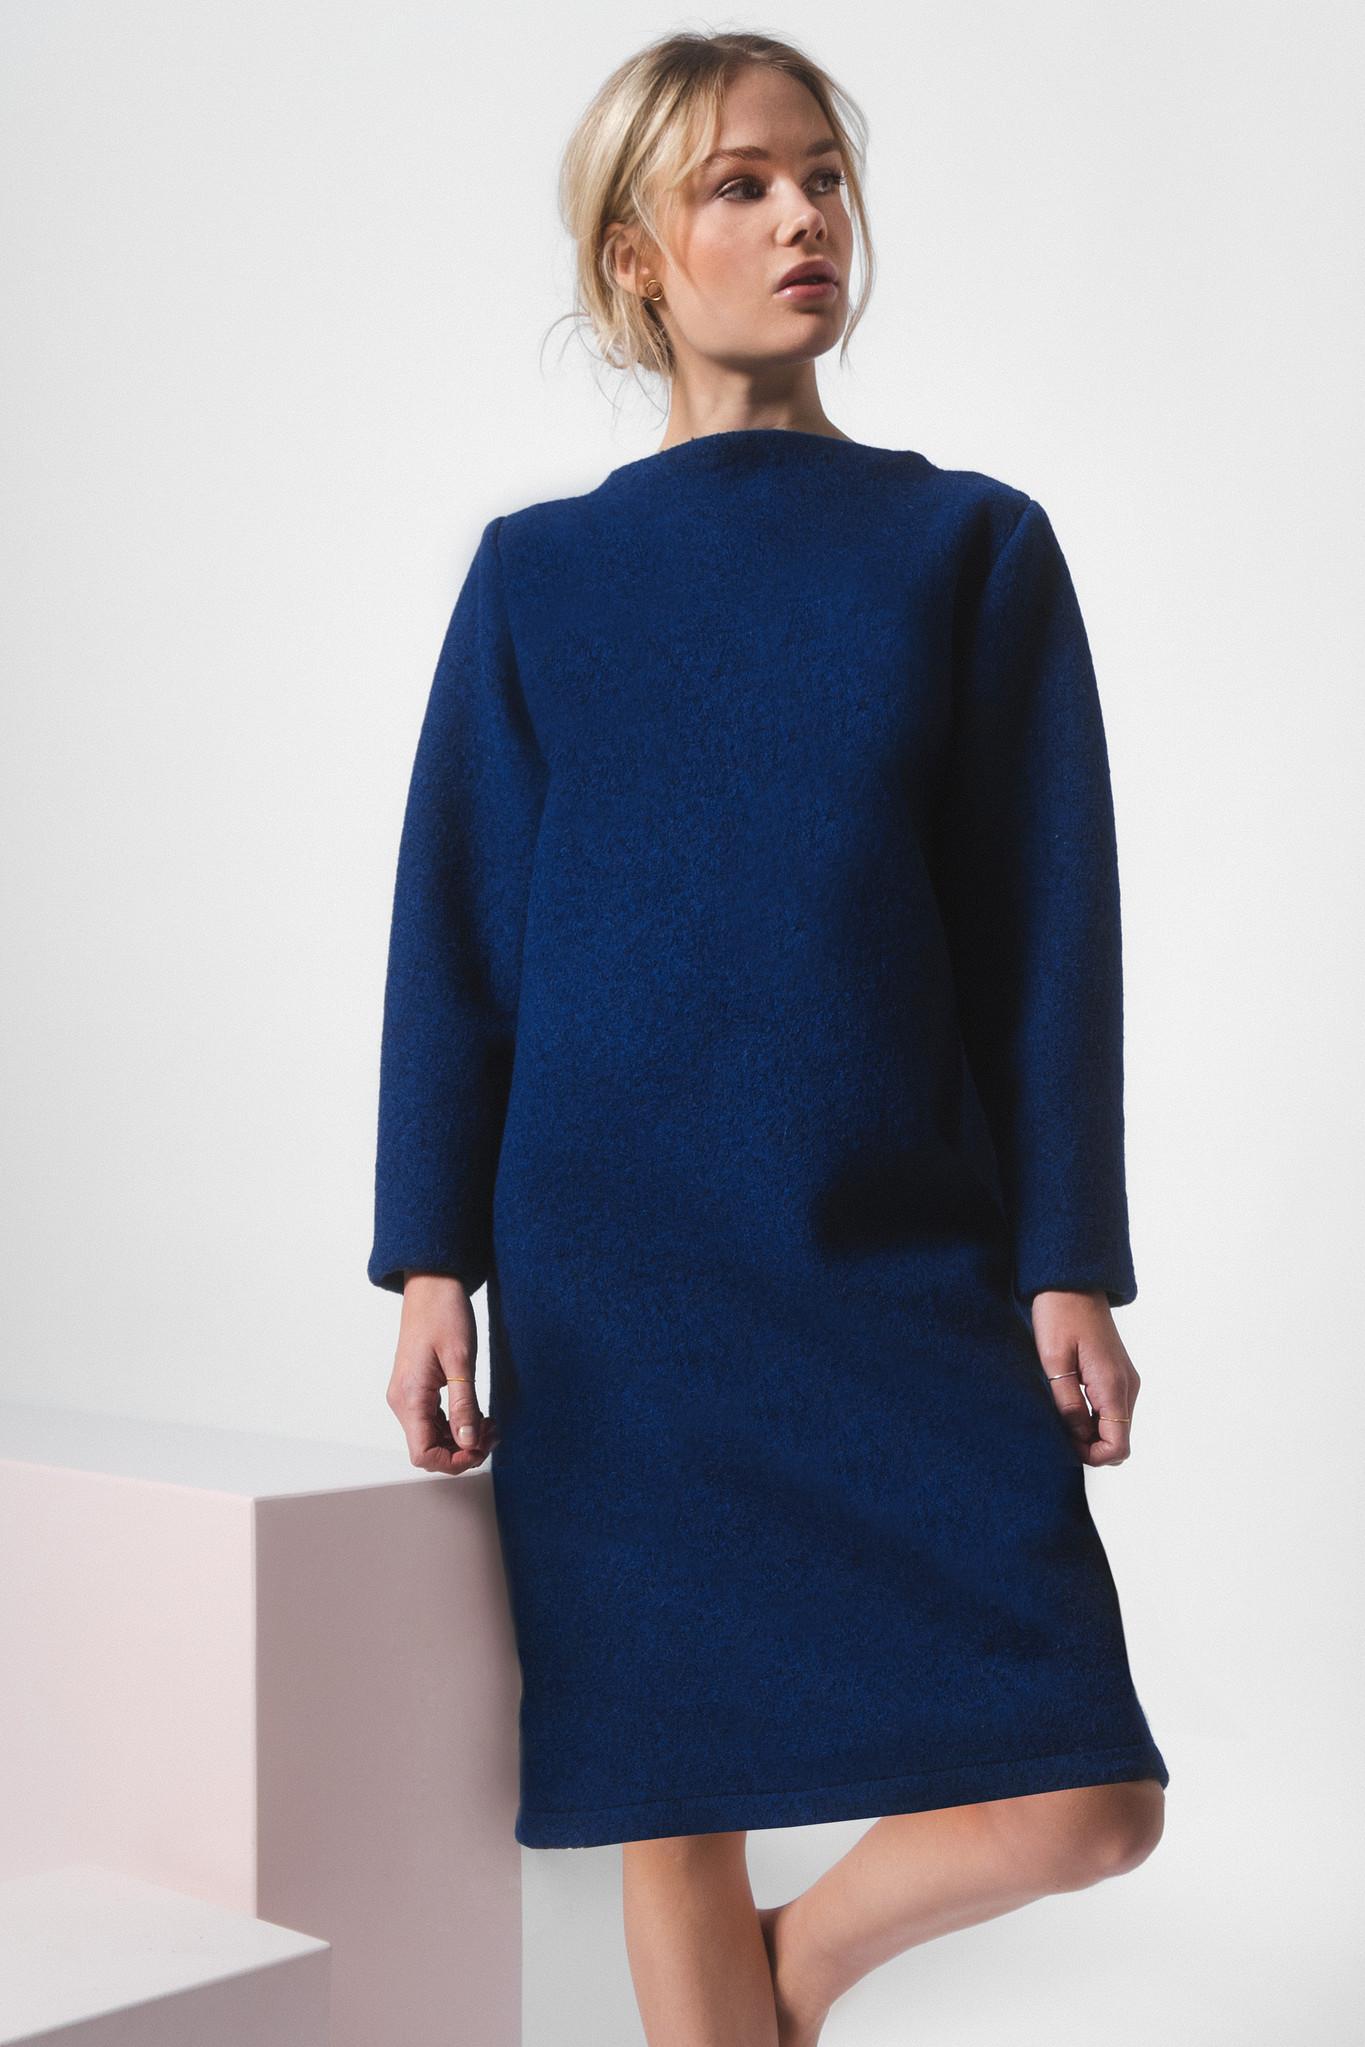 Kleid aus reiner Schurwolle - blau-2